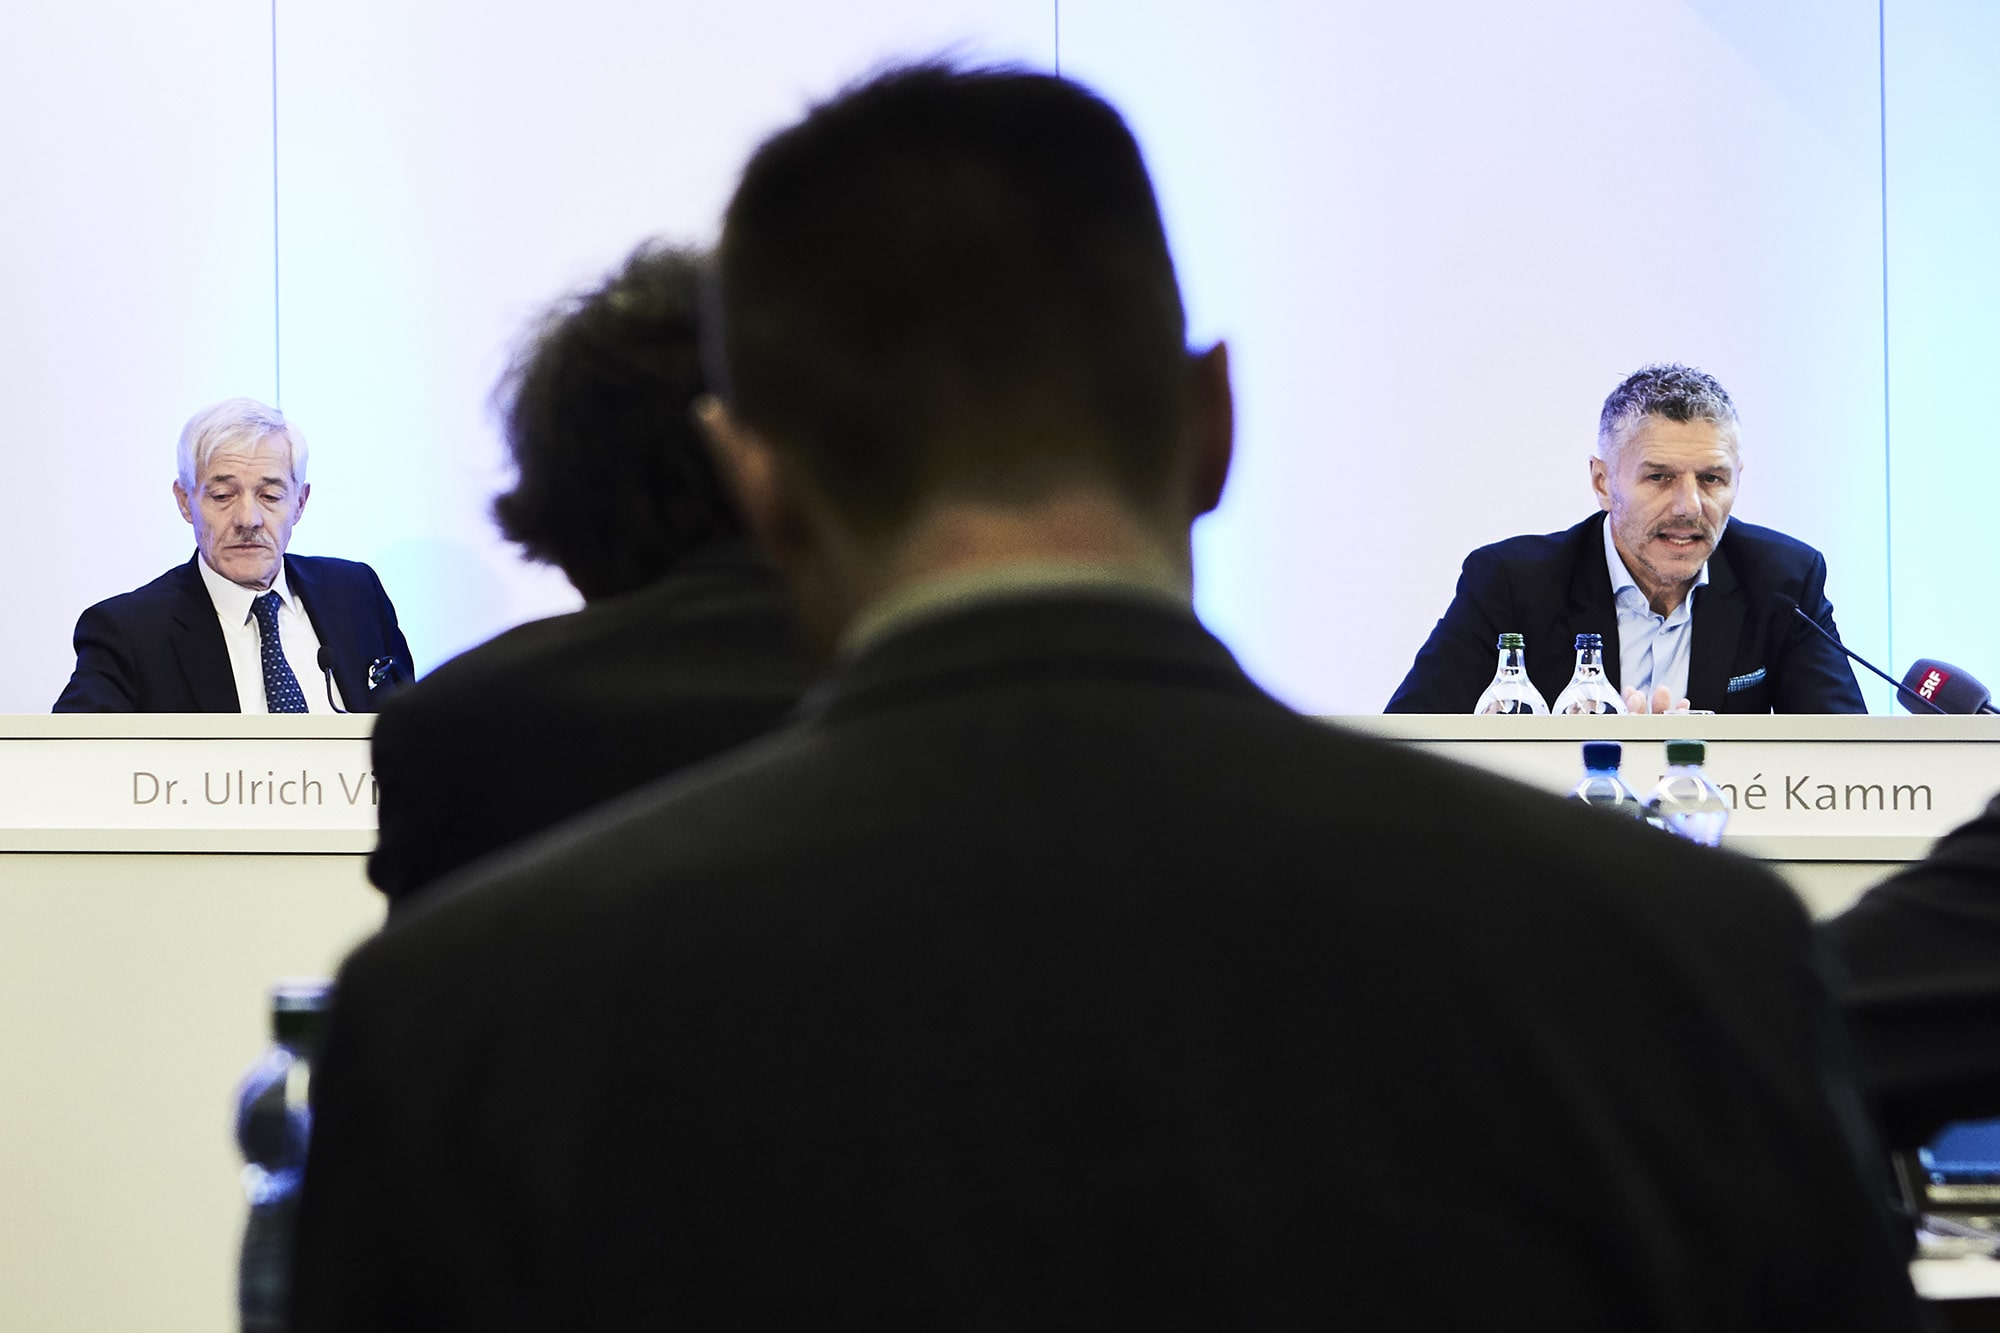 Der Rückgang der Basel World wiegt schwer. Die MCH-Group versucht ihr Glück im Ausland.